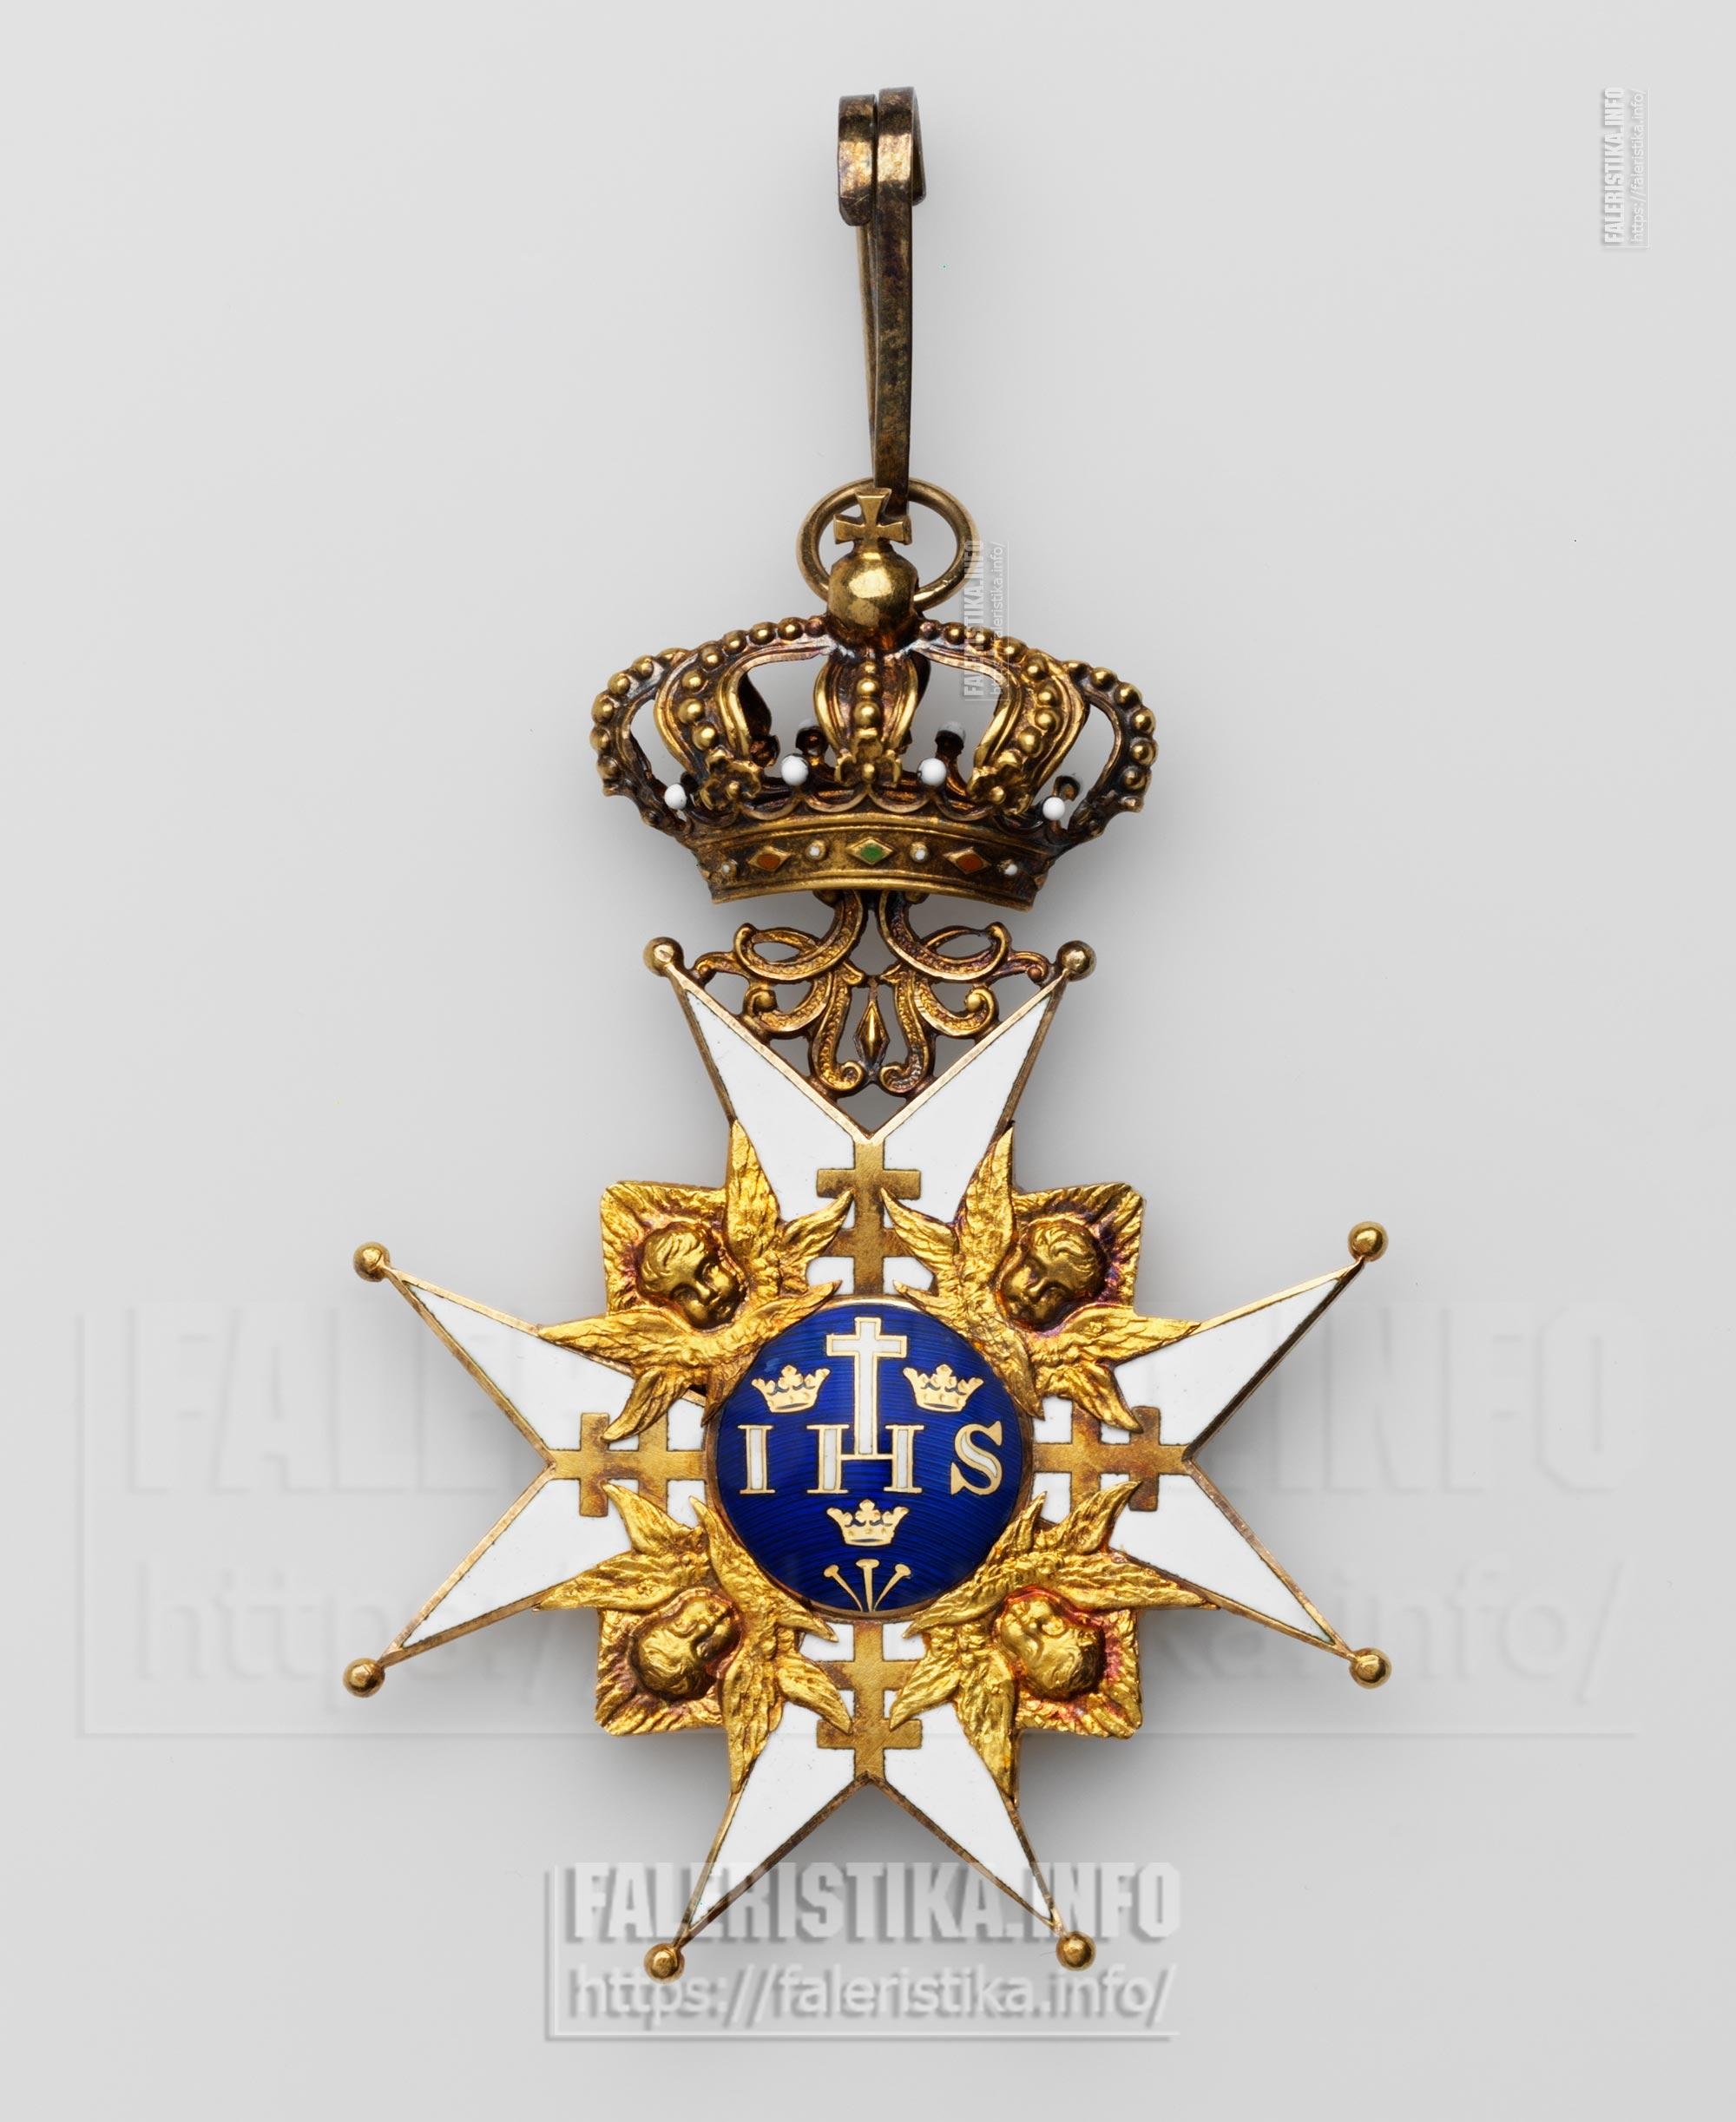 Орден Серафимов. Учрежден в 1748 г. Знак. Принадлежал императору  (негусу) Эфиопии (Абиссинии) Хайле Силассие